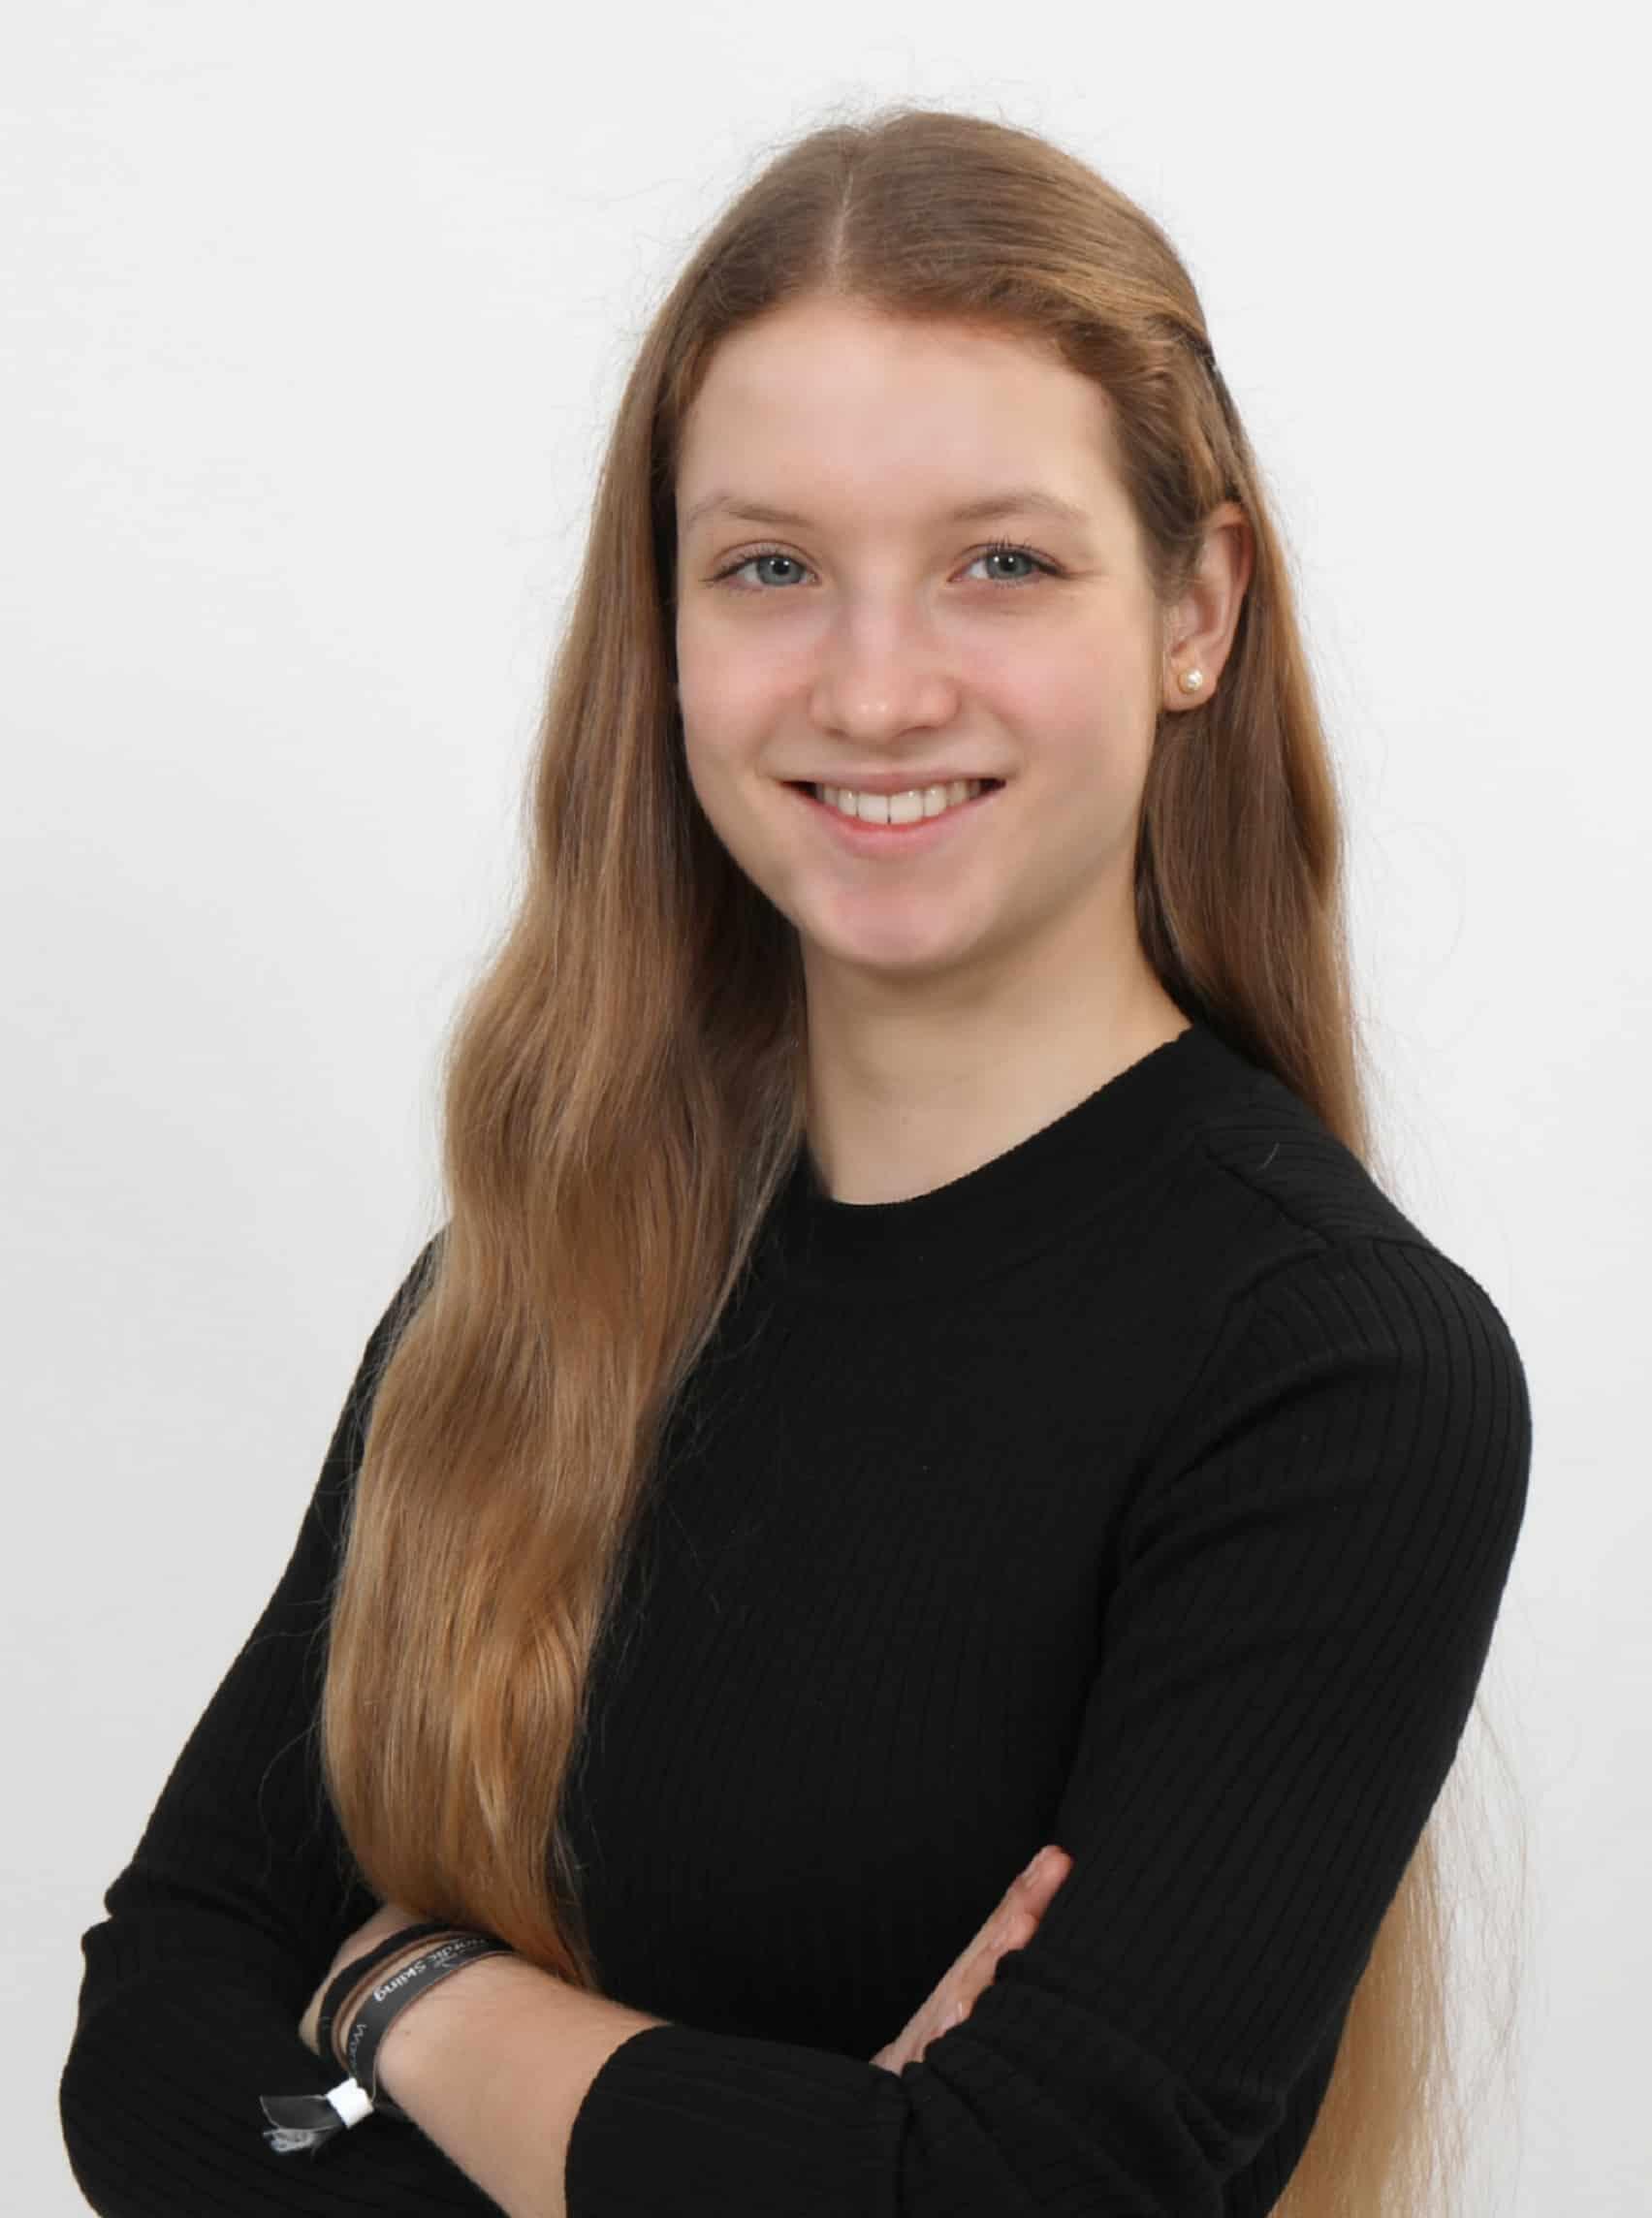 Profilbild Hannah. Sie steht vor einer weißen Wand und hat die Arme verschränkt.